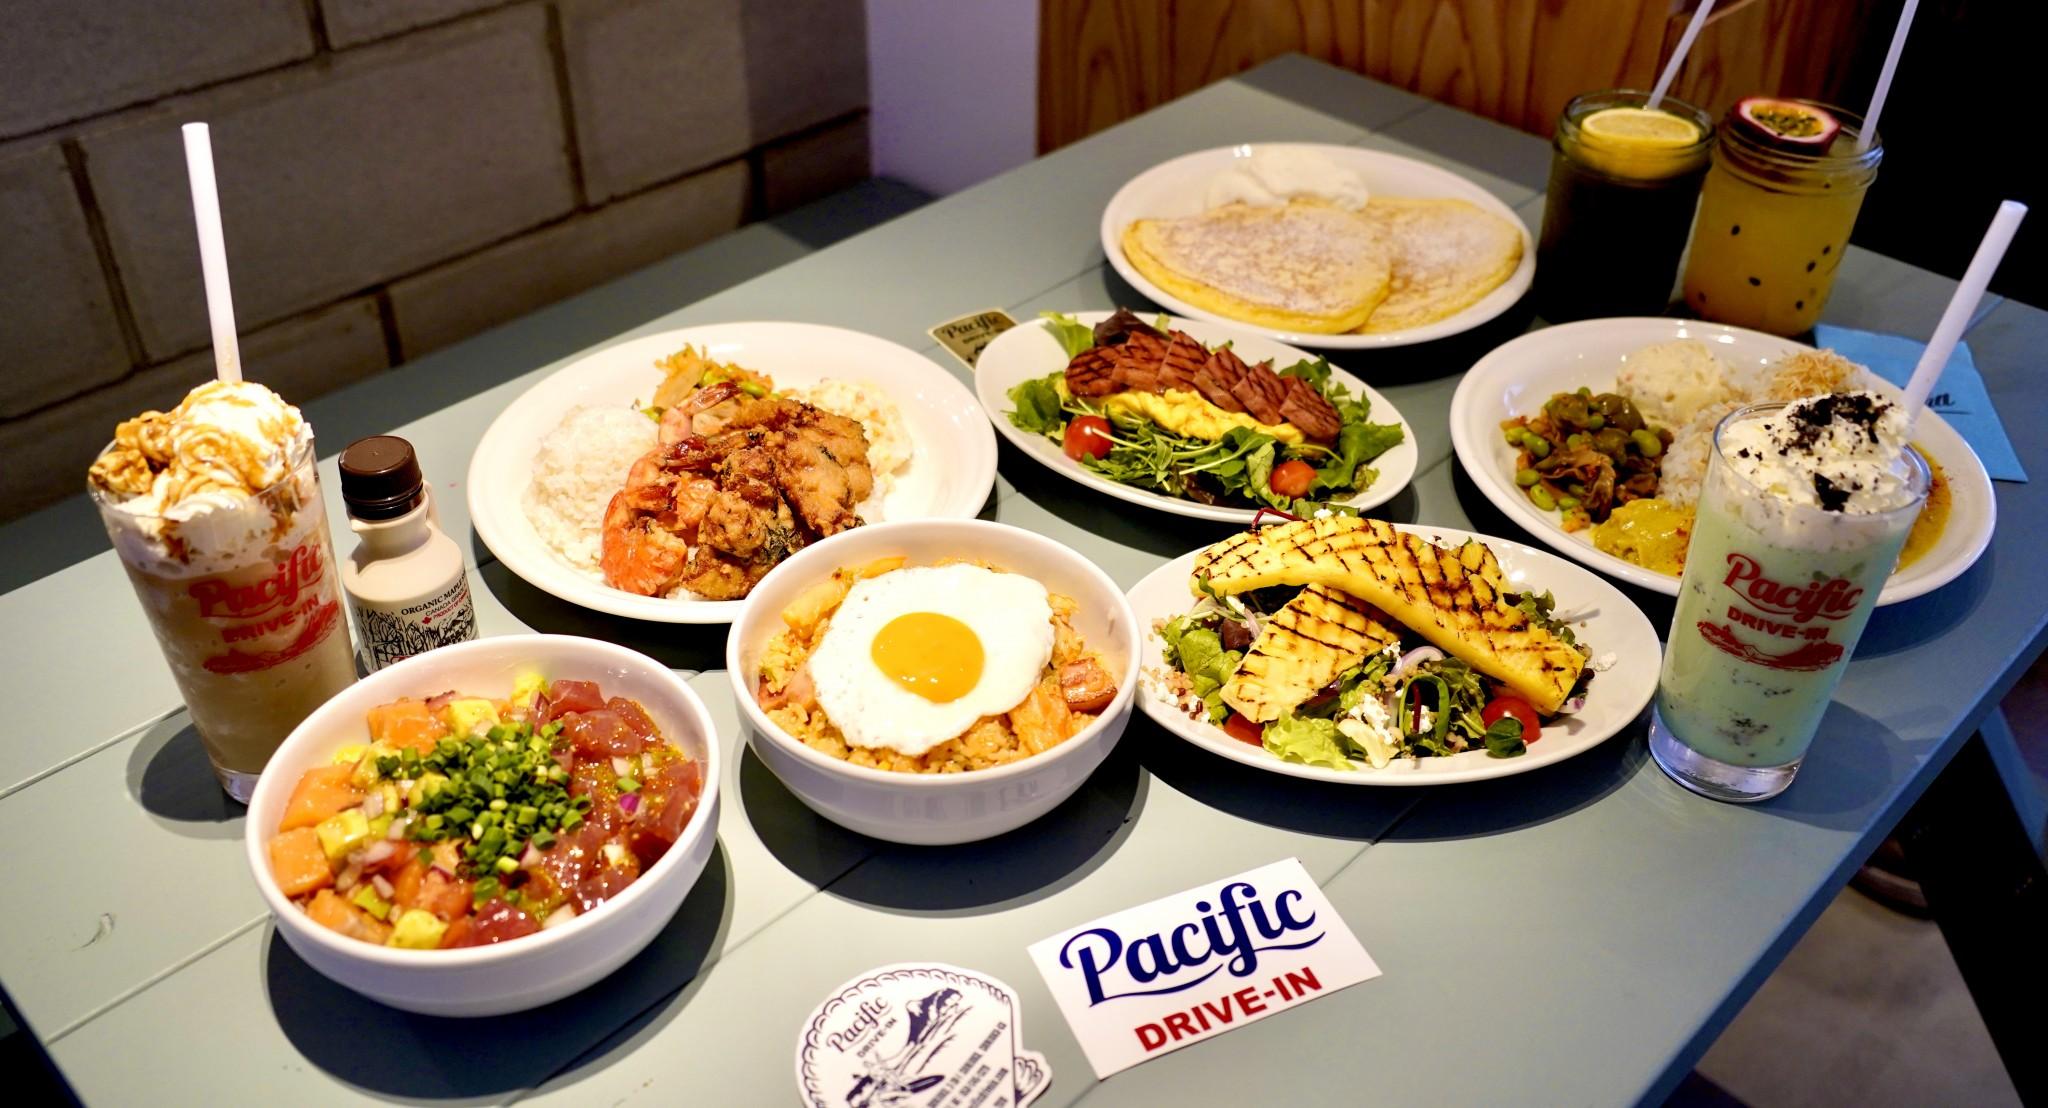 鎌倉・七里ガ浜の人気カフェ〈Pacific DRIVE-IN〉が都内初の2号店を〈ルミネエスト新宿〉にオープン!